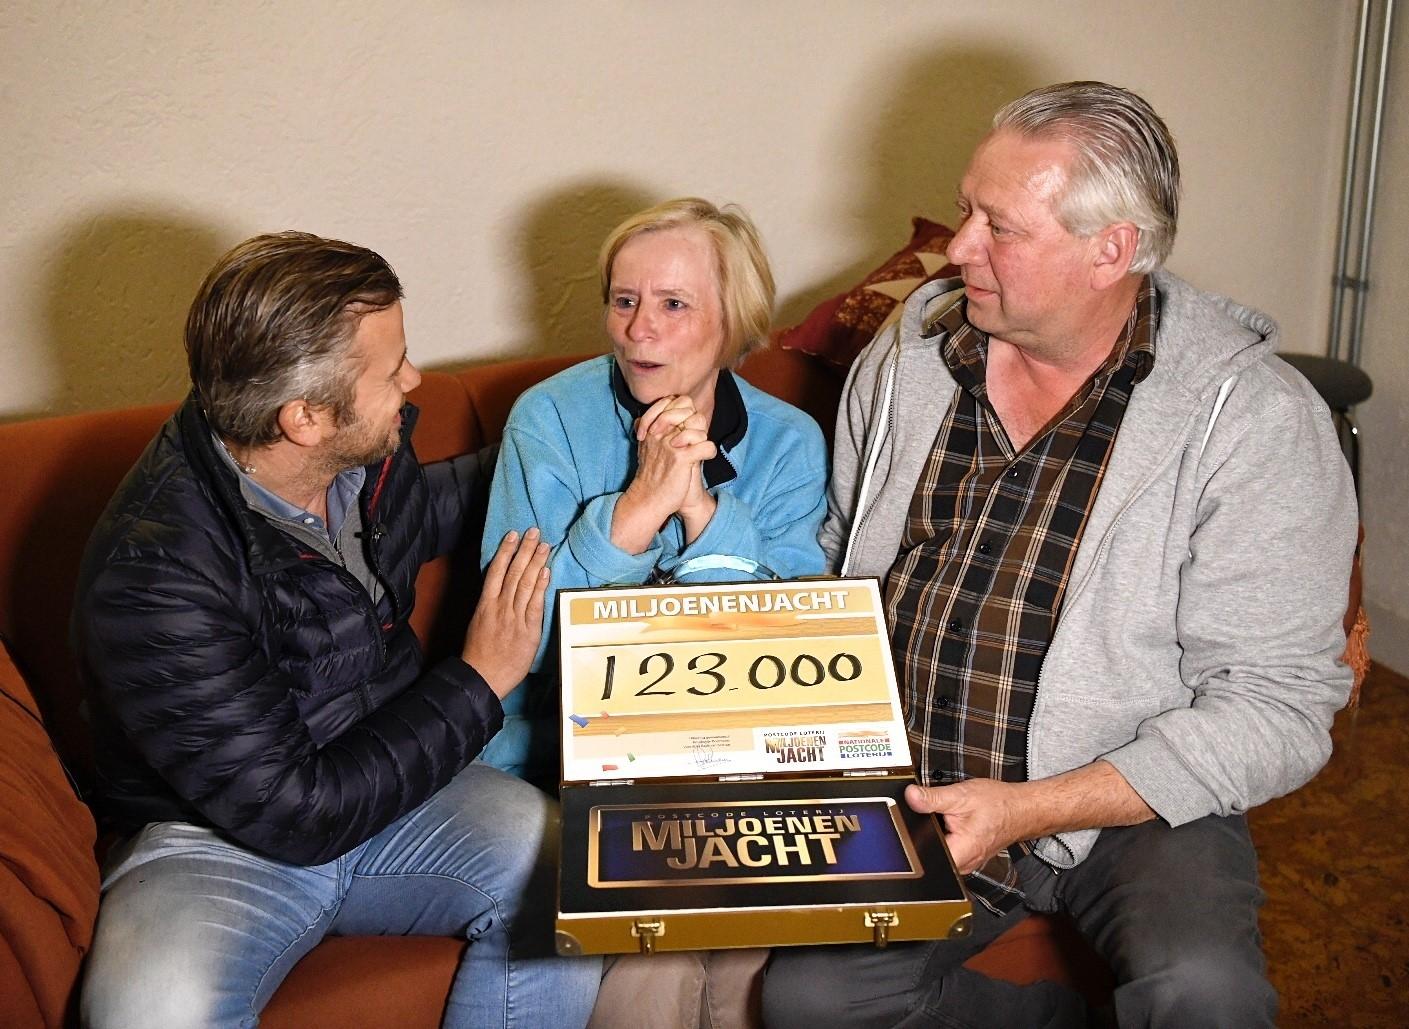 Apeldoorns echtpaar zondagavond thuis verrast door Winston Gerschtanowitz met 123.000 euro